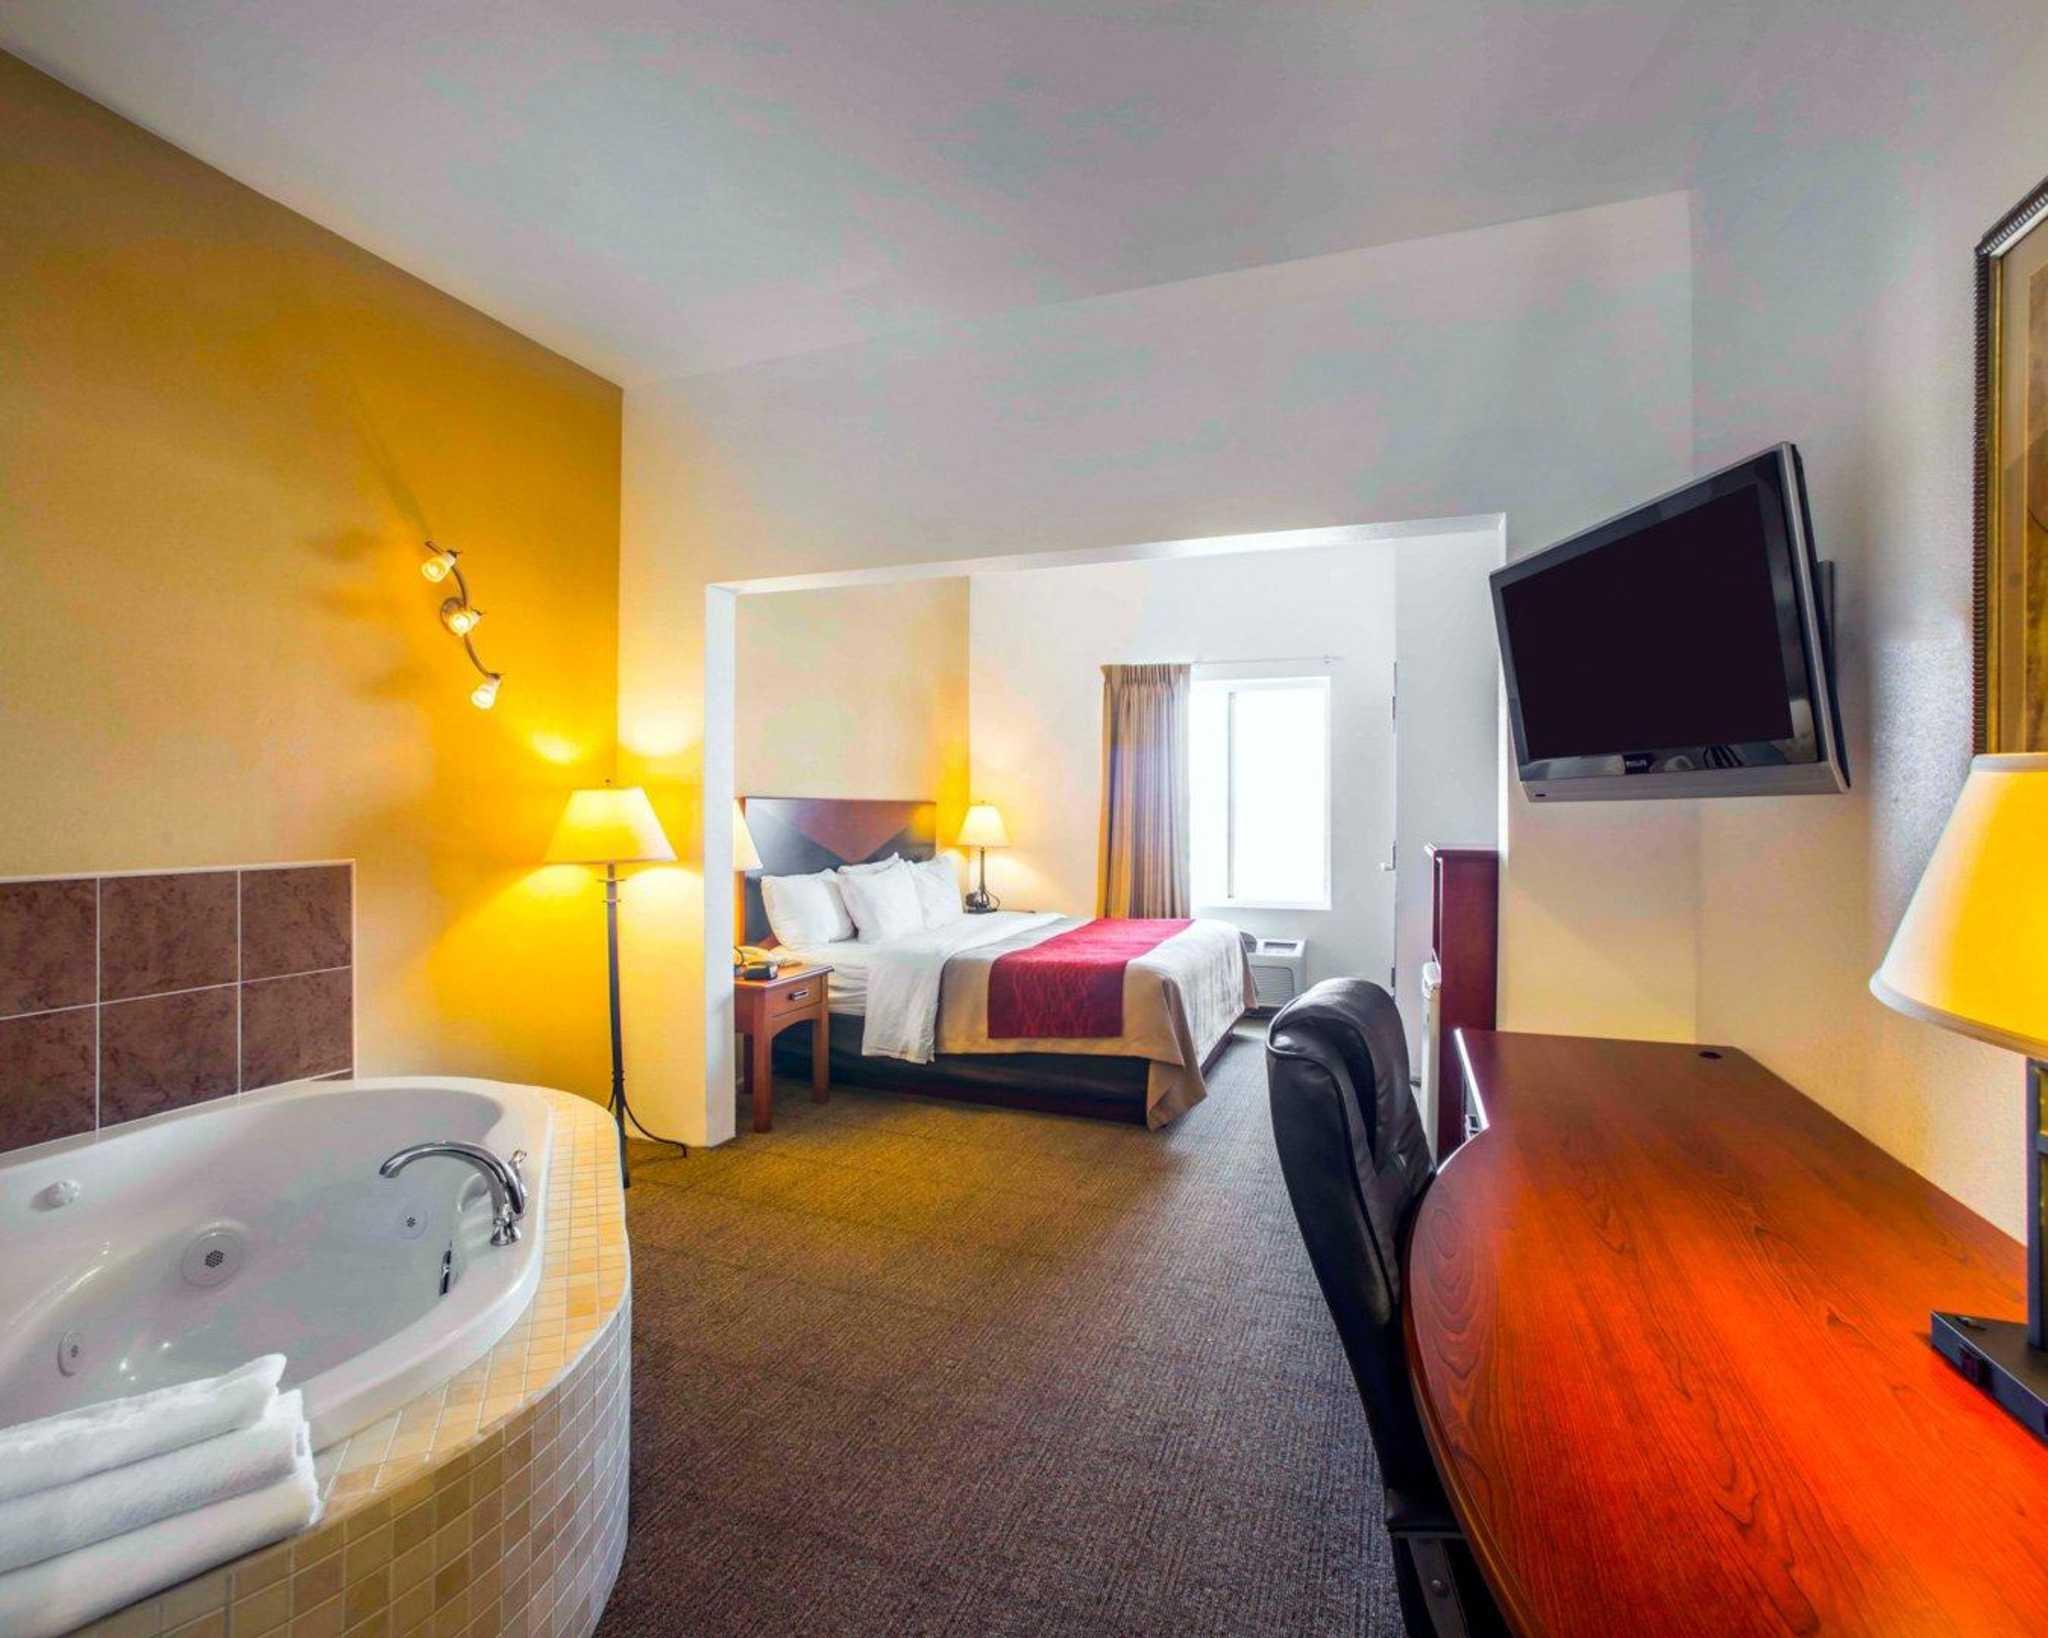 Comfort Inn & Suites Greenville I-70 image 18